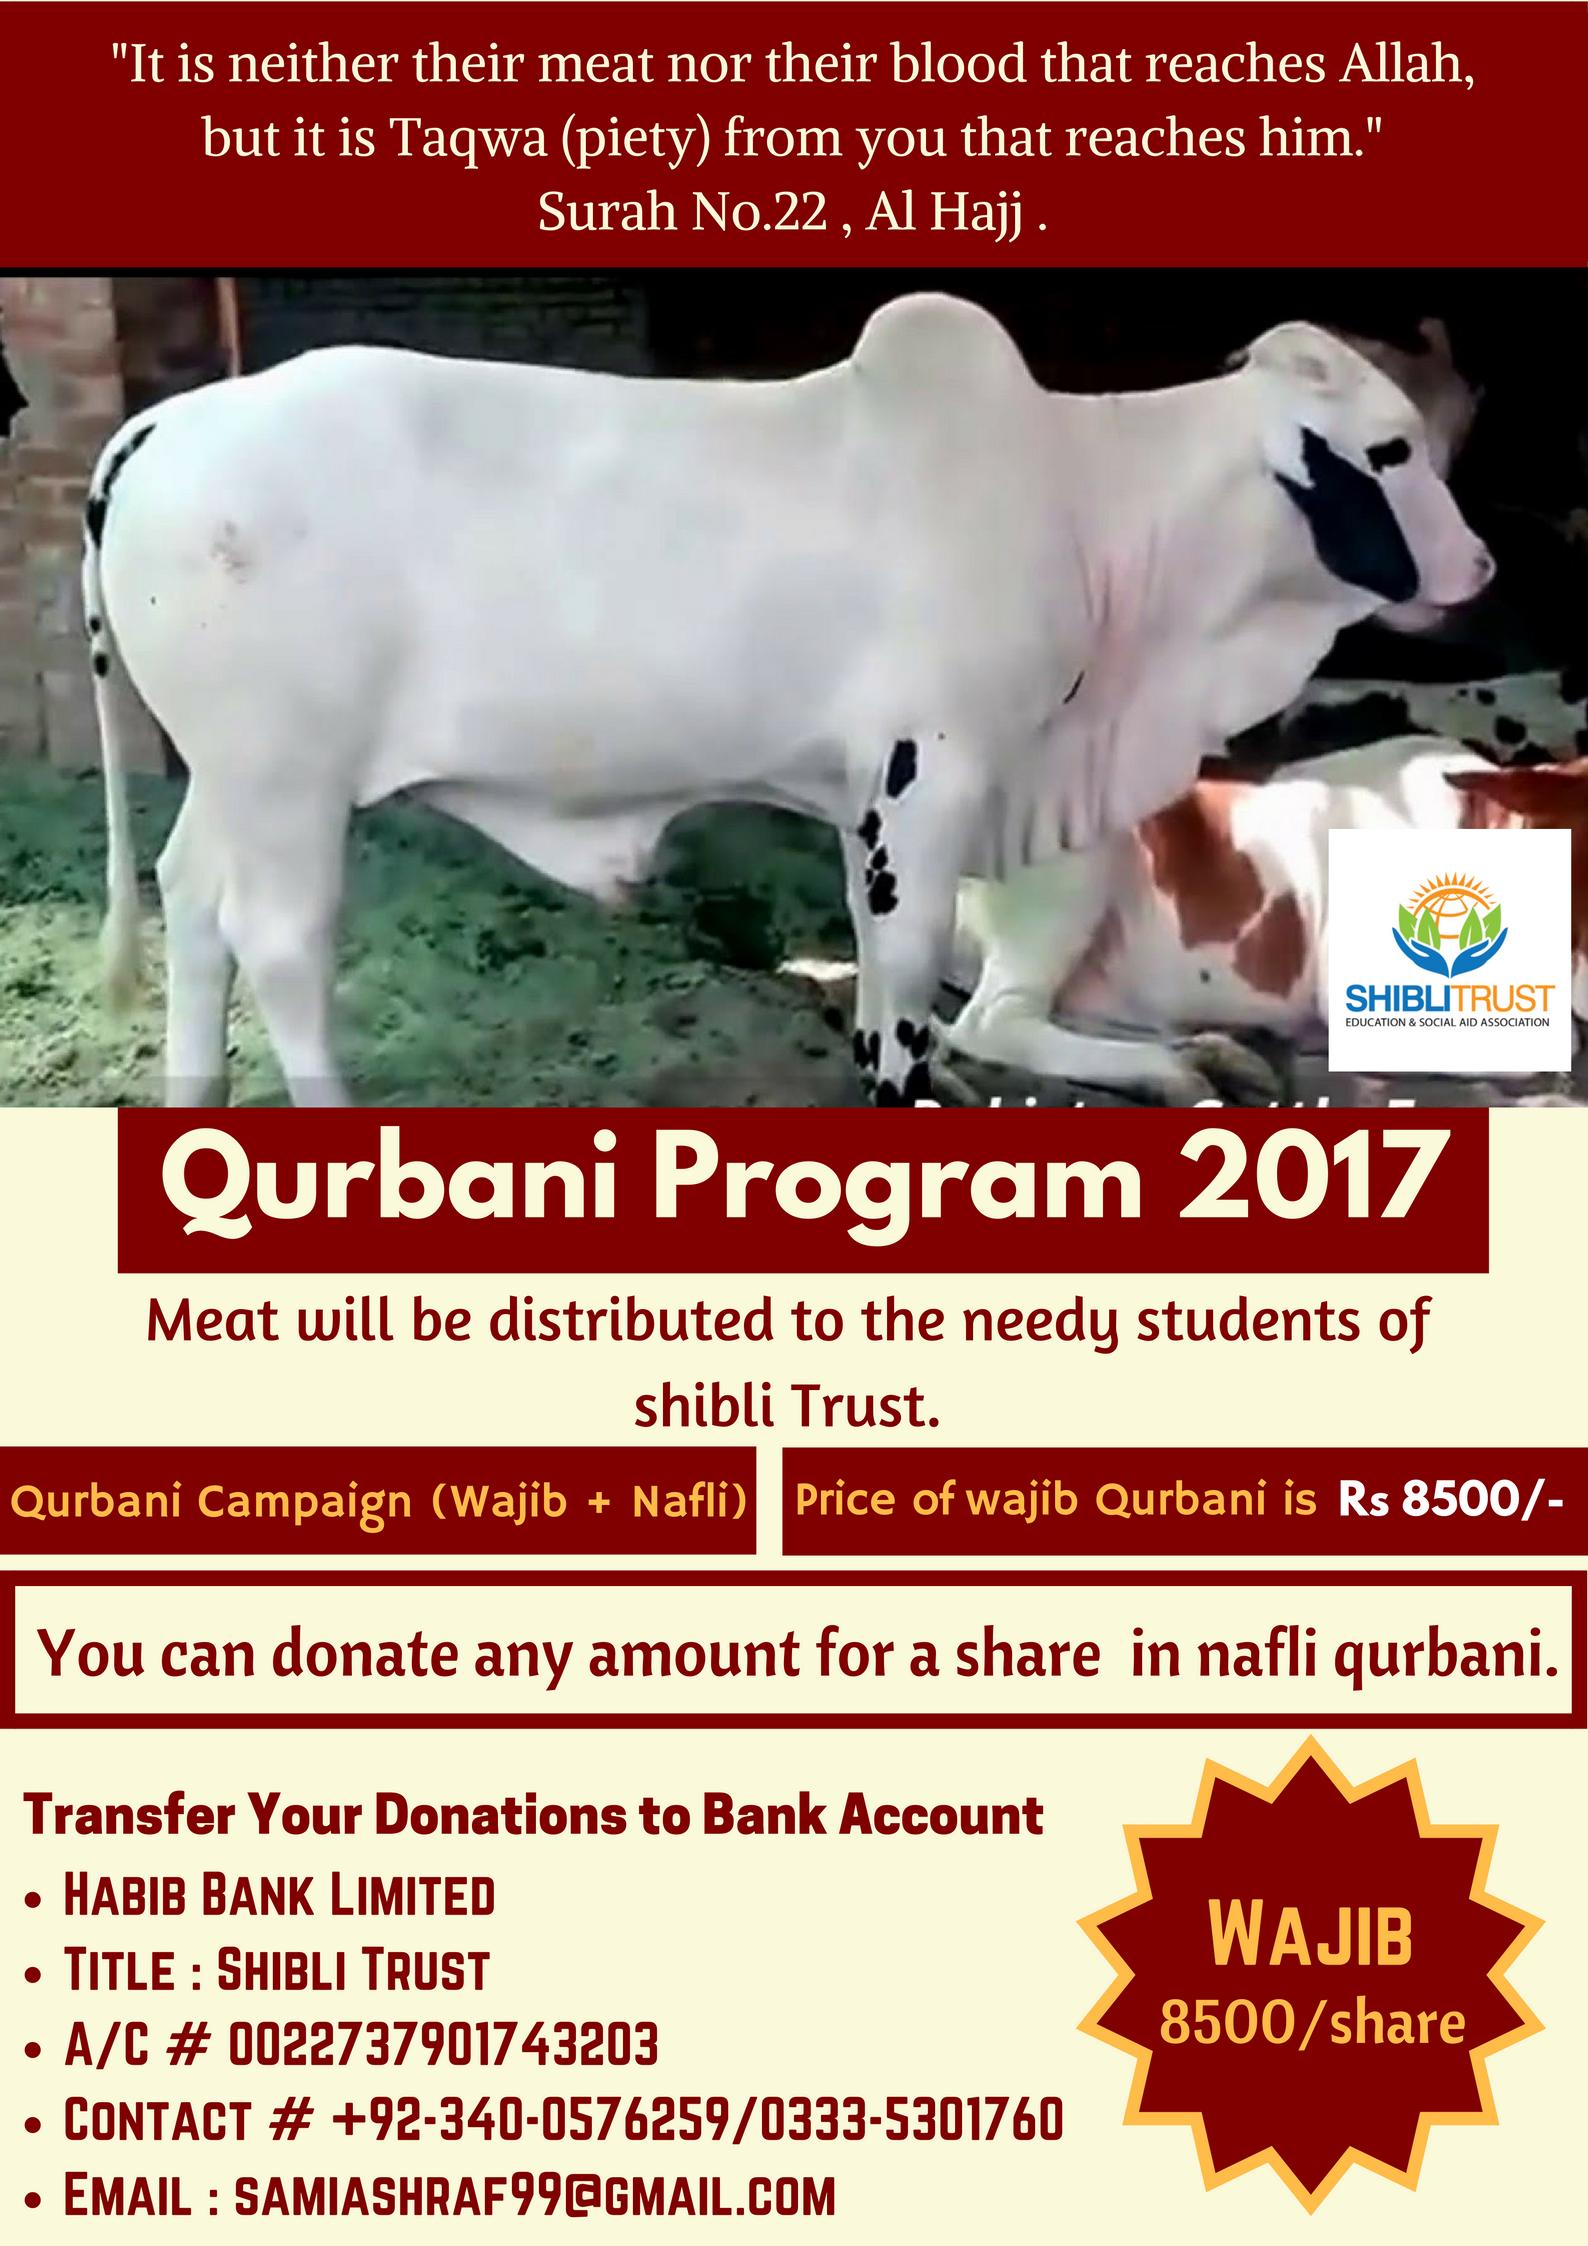 Qurbani Program 2017Shibli Trust